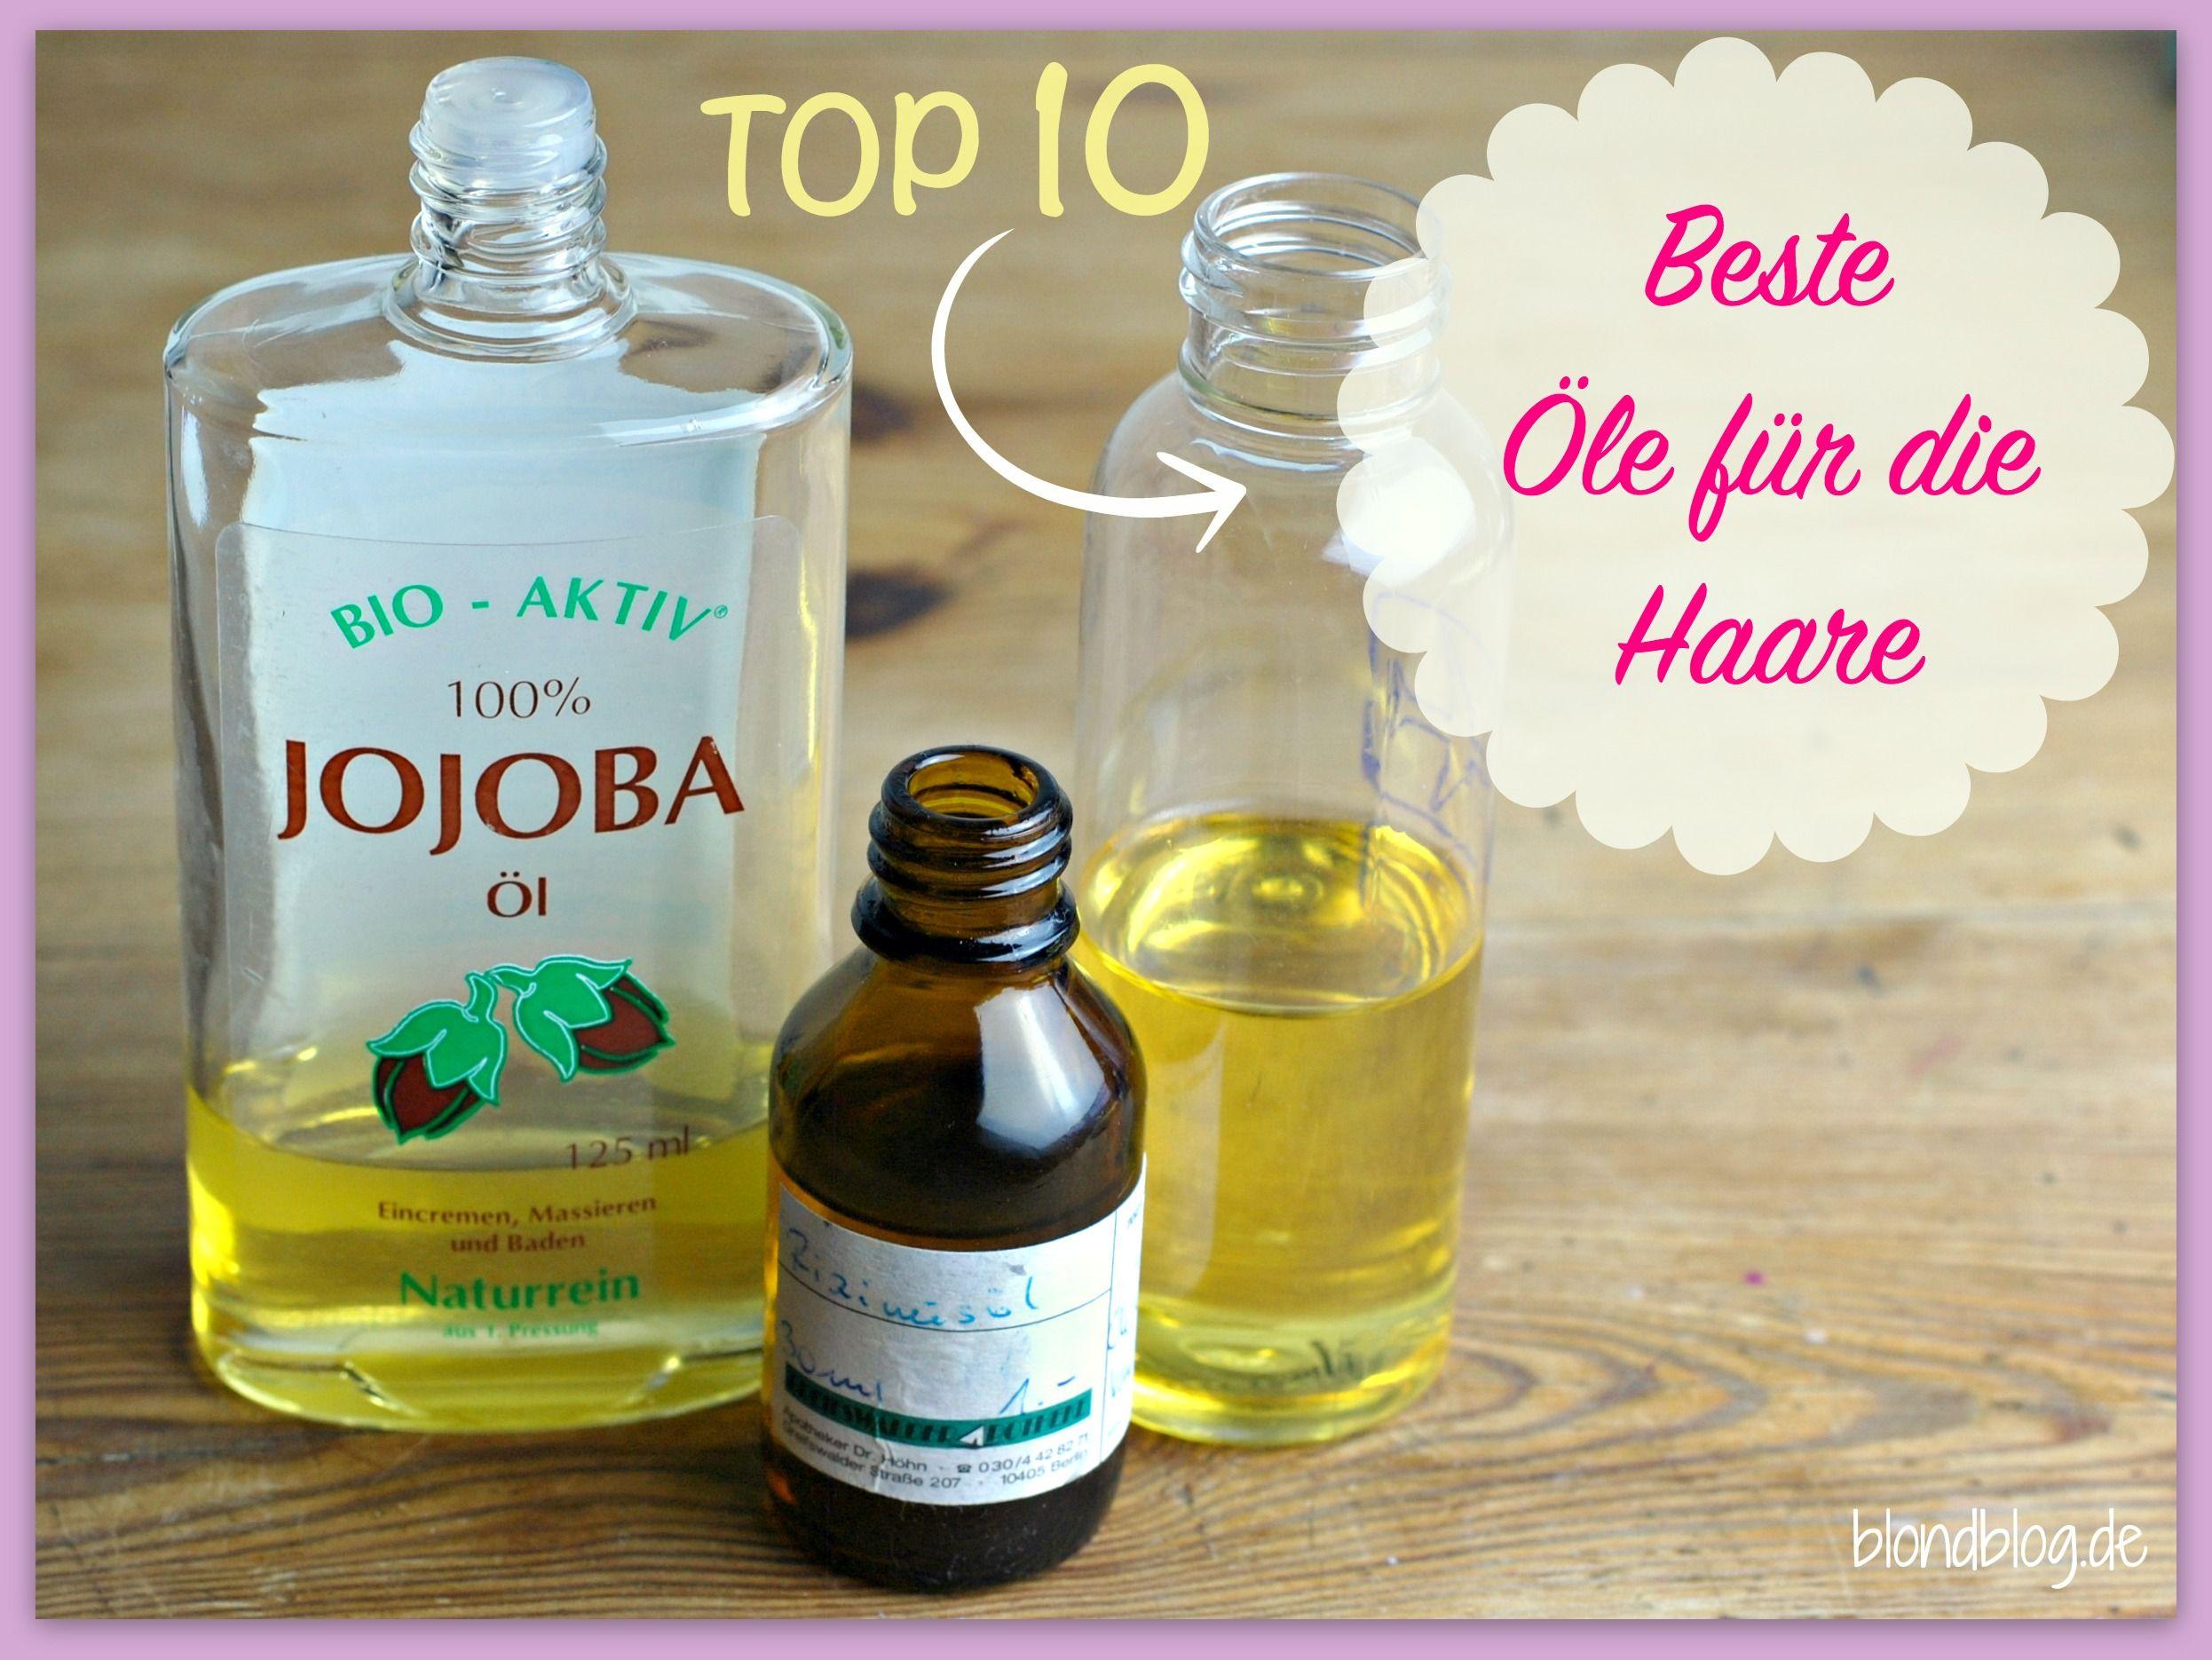 Haaröl Ohne Silikone Meine Top 10 öle Für Trockene Haare Shampoos